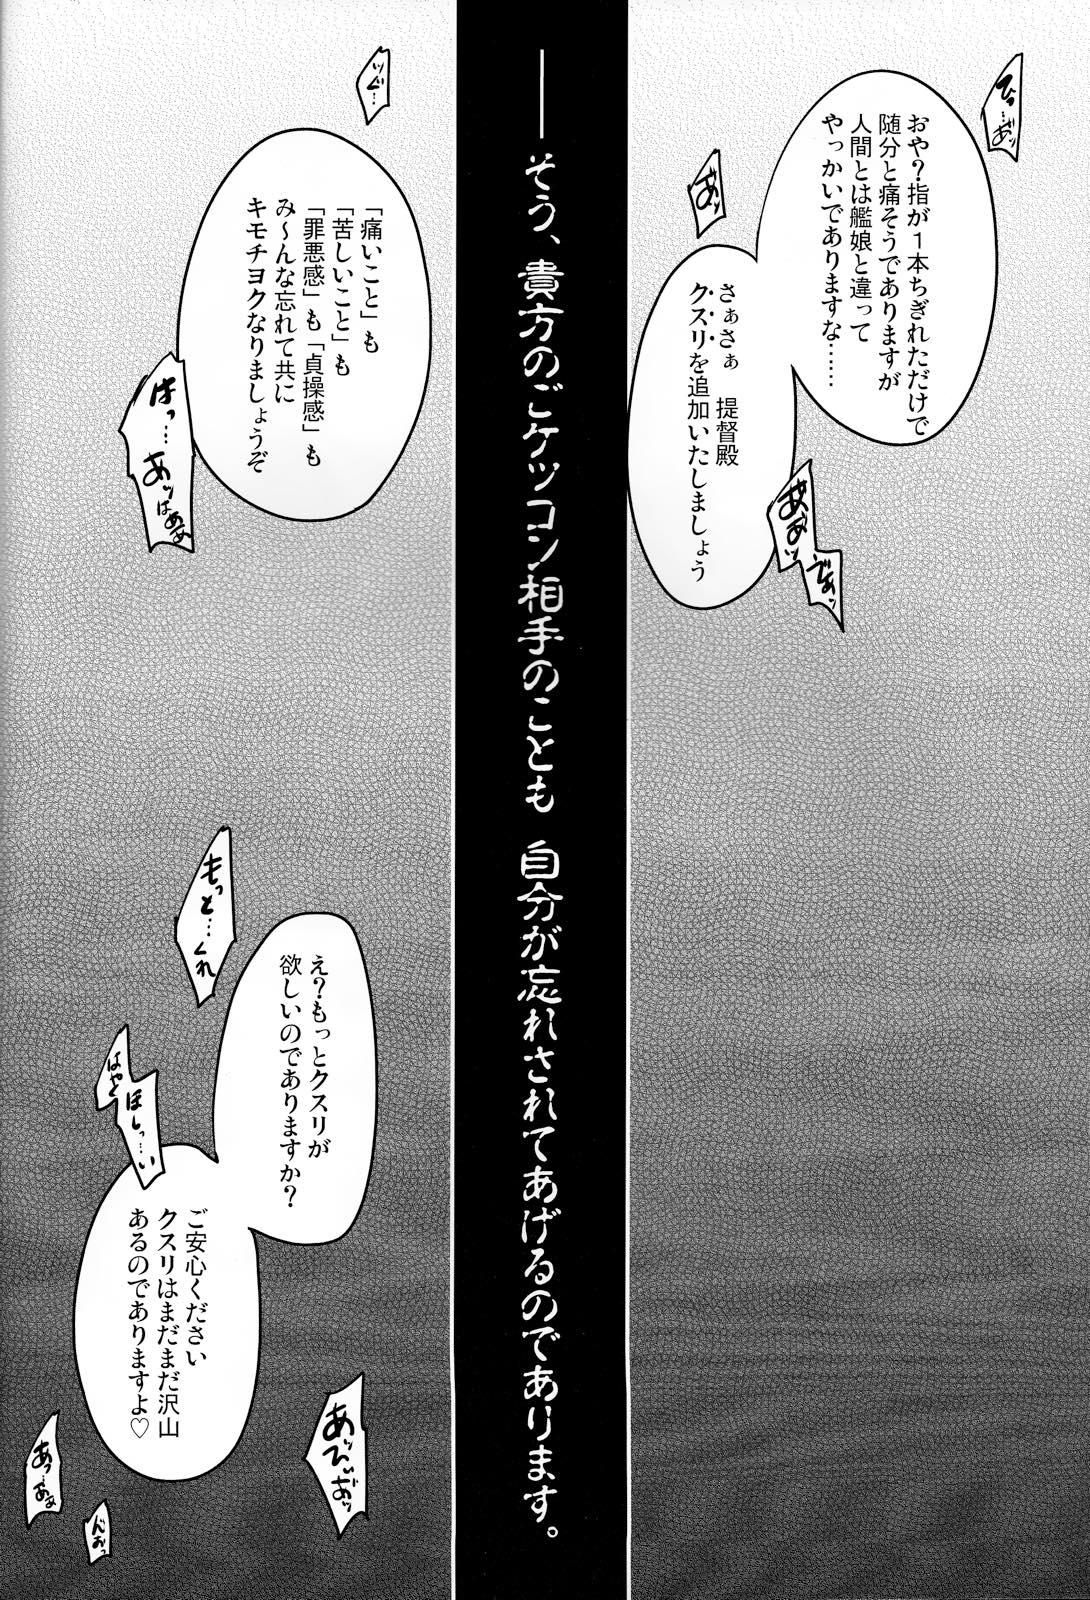 【エロ同人誌】ケッコン済の提督相手にヤンデレあきつ丸が薬を盛り逆レイプwww【艦隊これくしょん-艦これ-/C89】